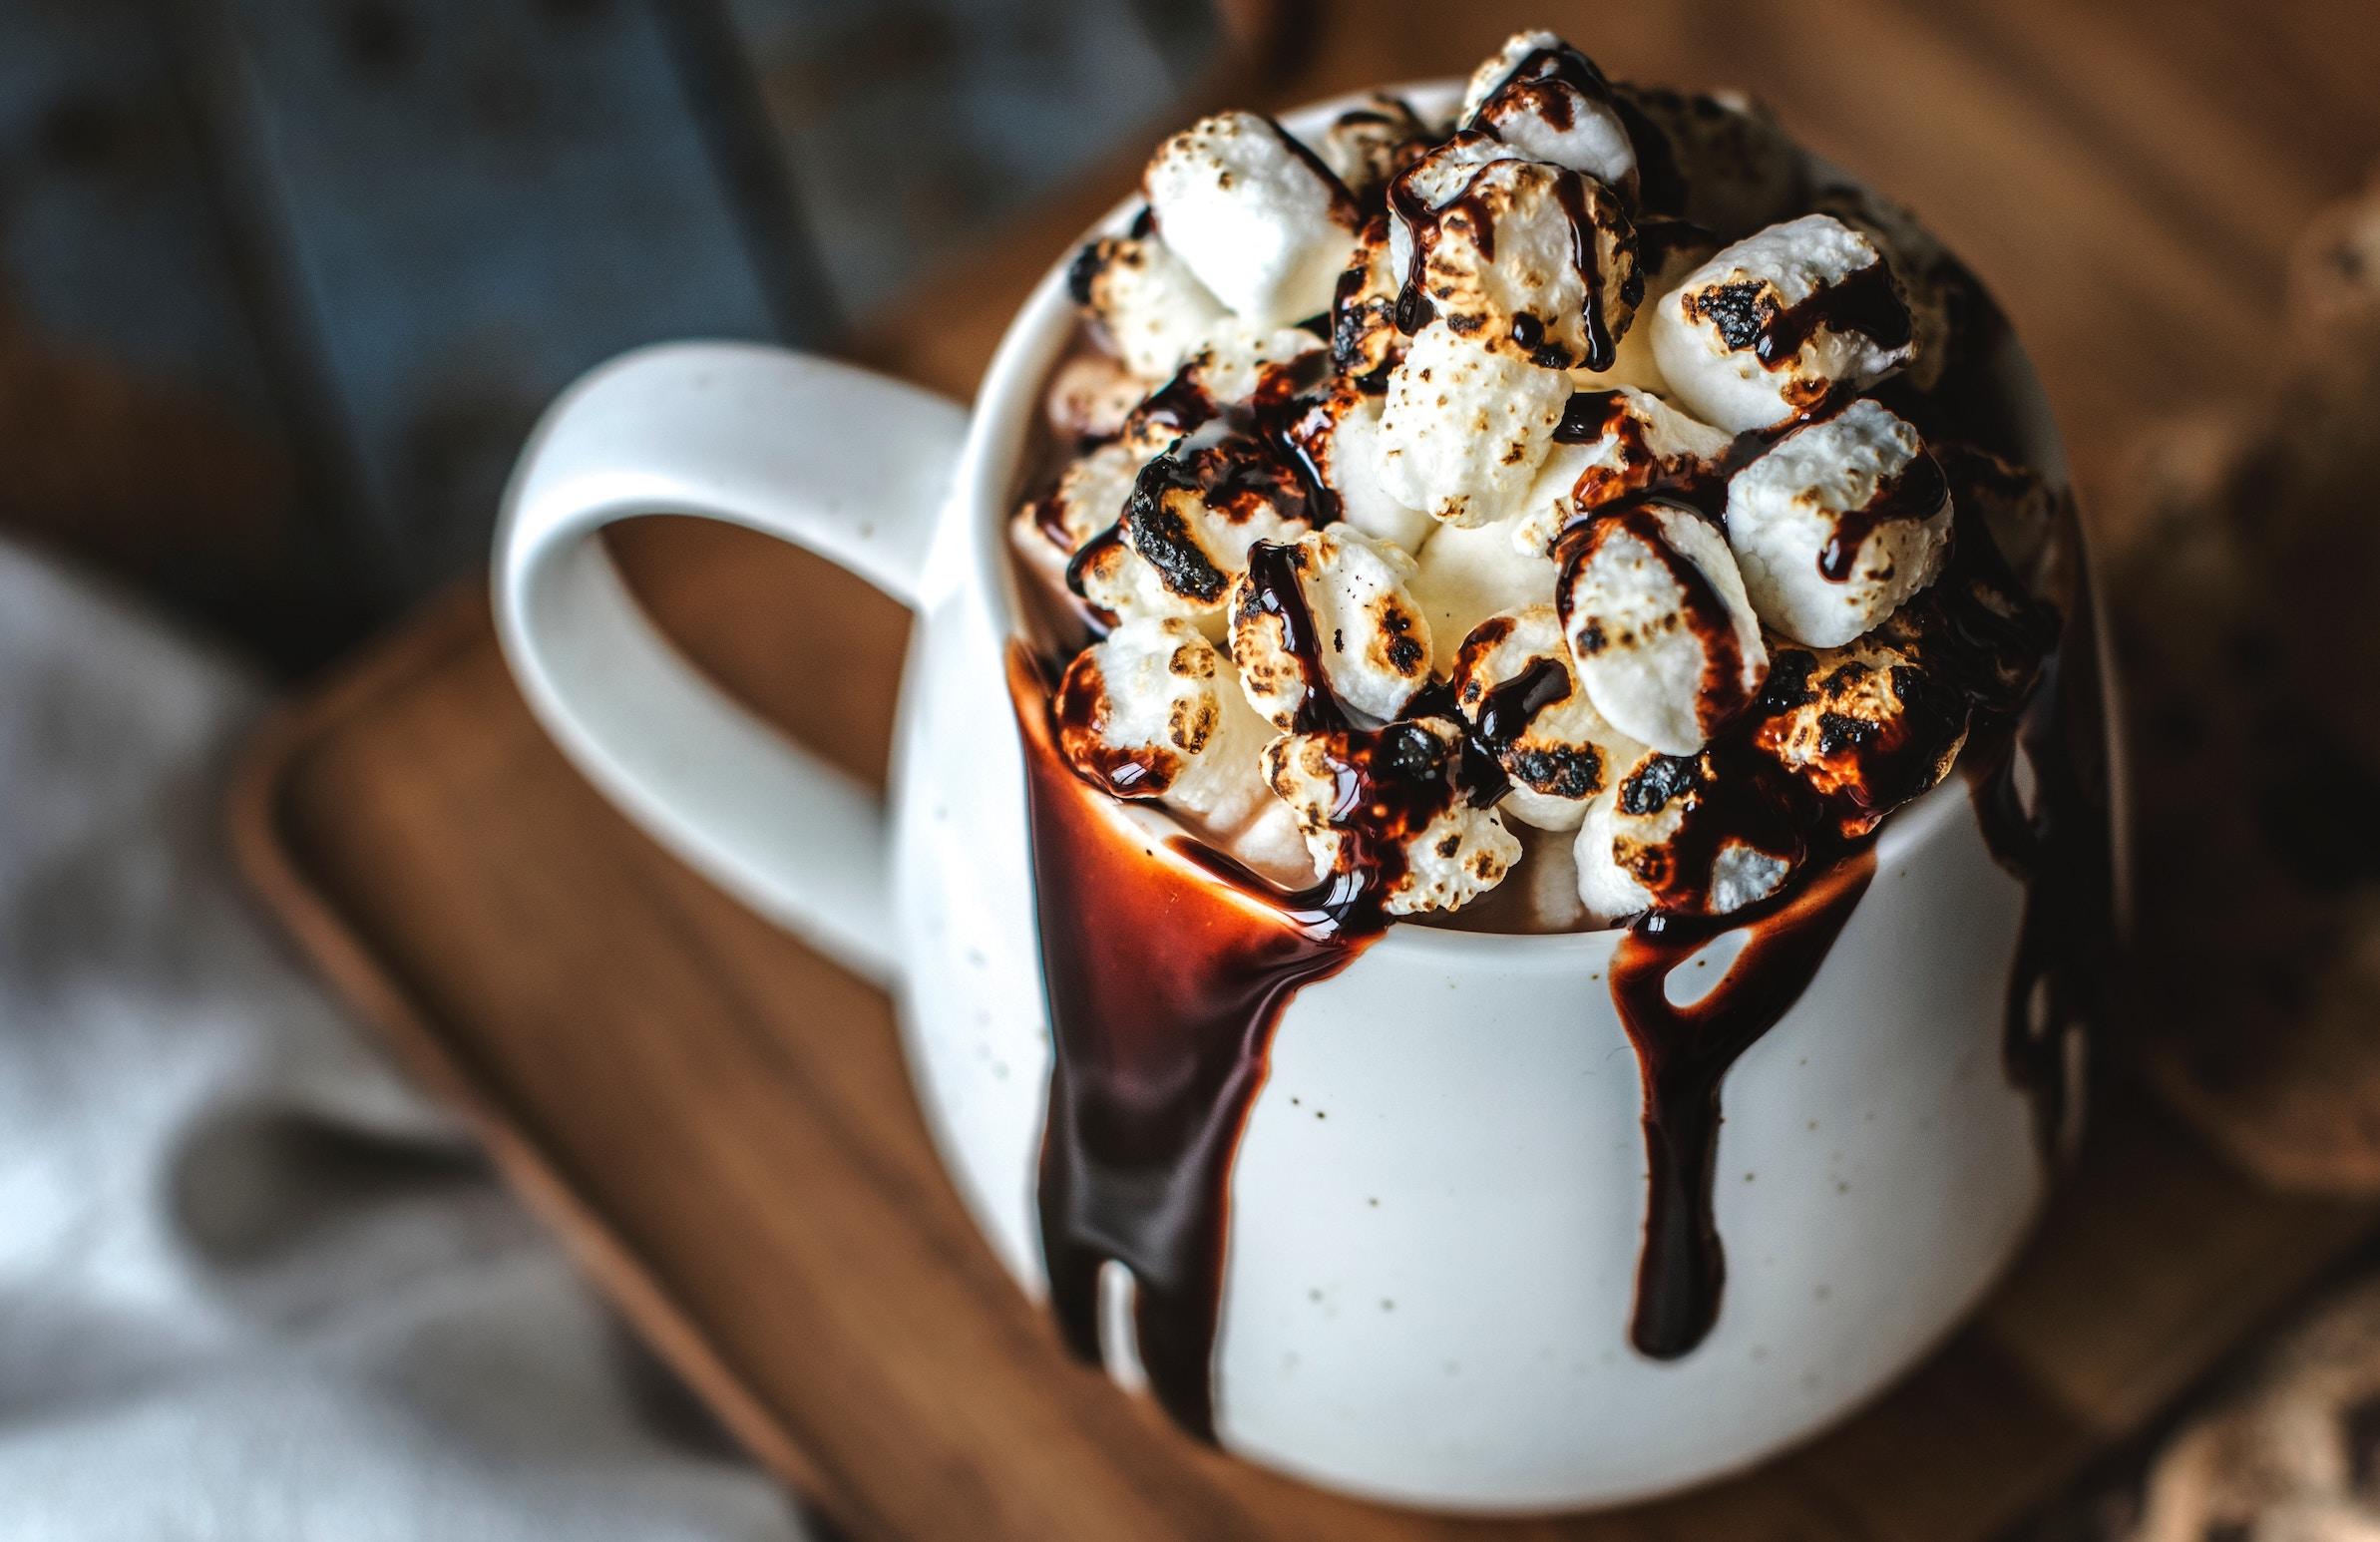 Csokoládé: Isteni eledel vagy bűnös étek?